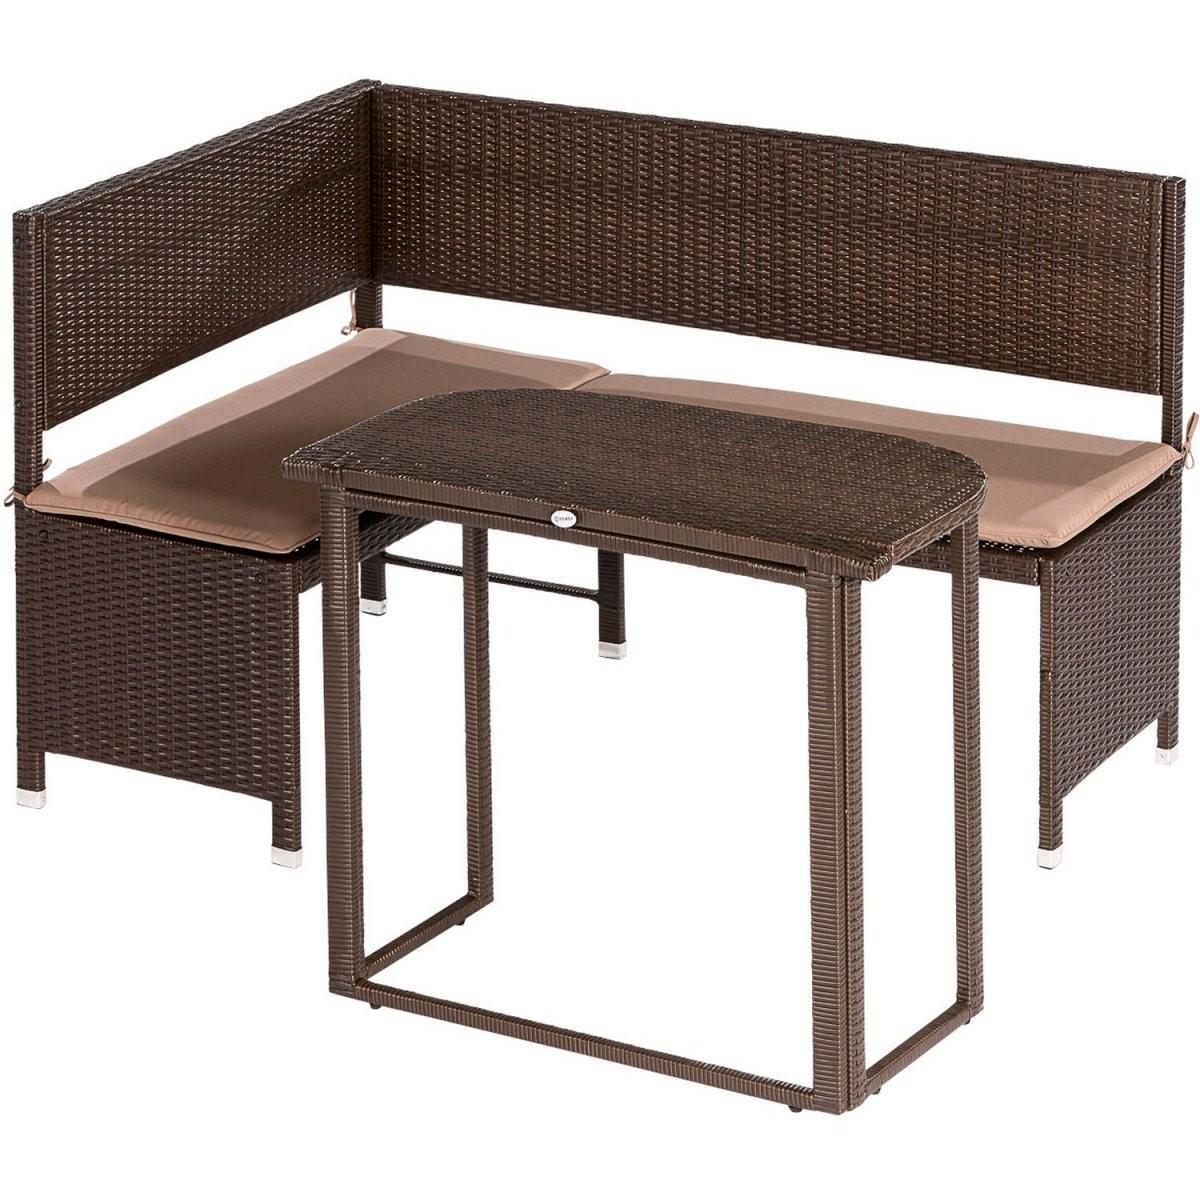 Balkonmöbel Online Kaufen Bei Obi  Obi von Balkon Eckbank Mit Tisch Bild